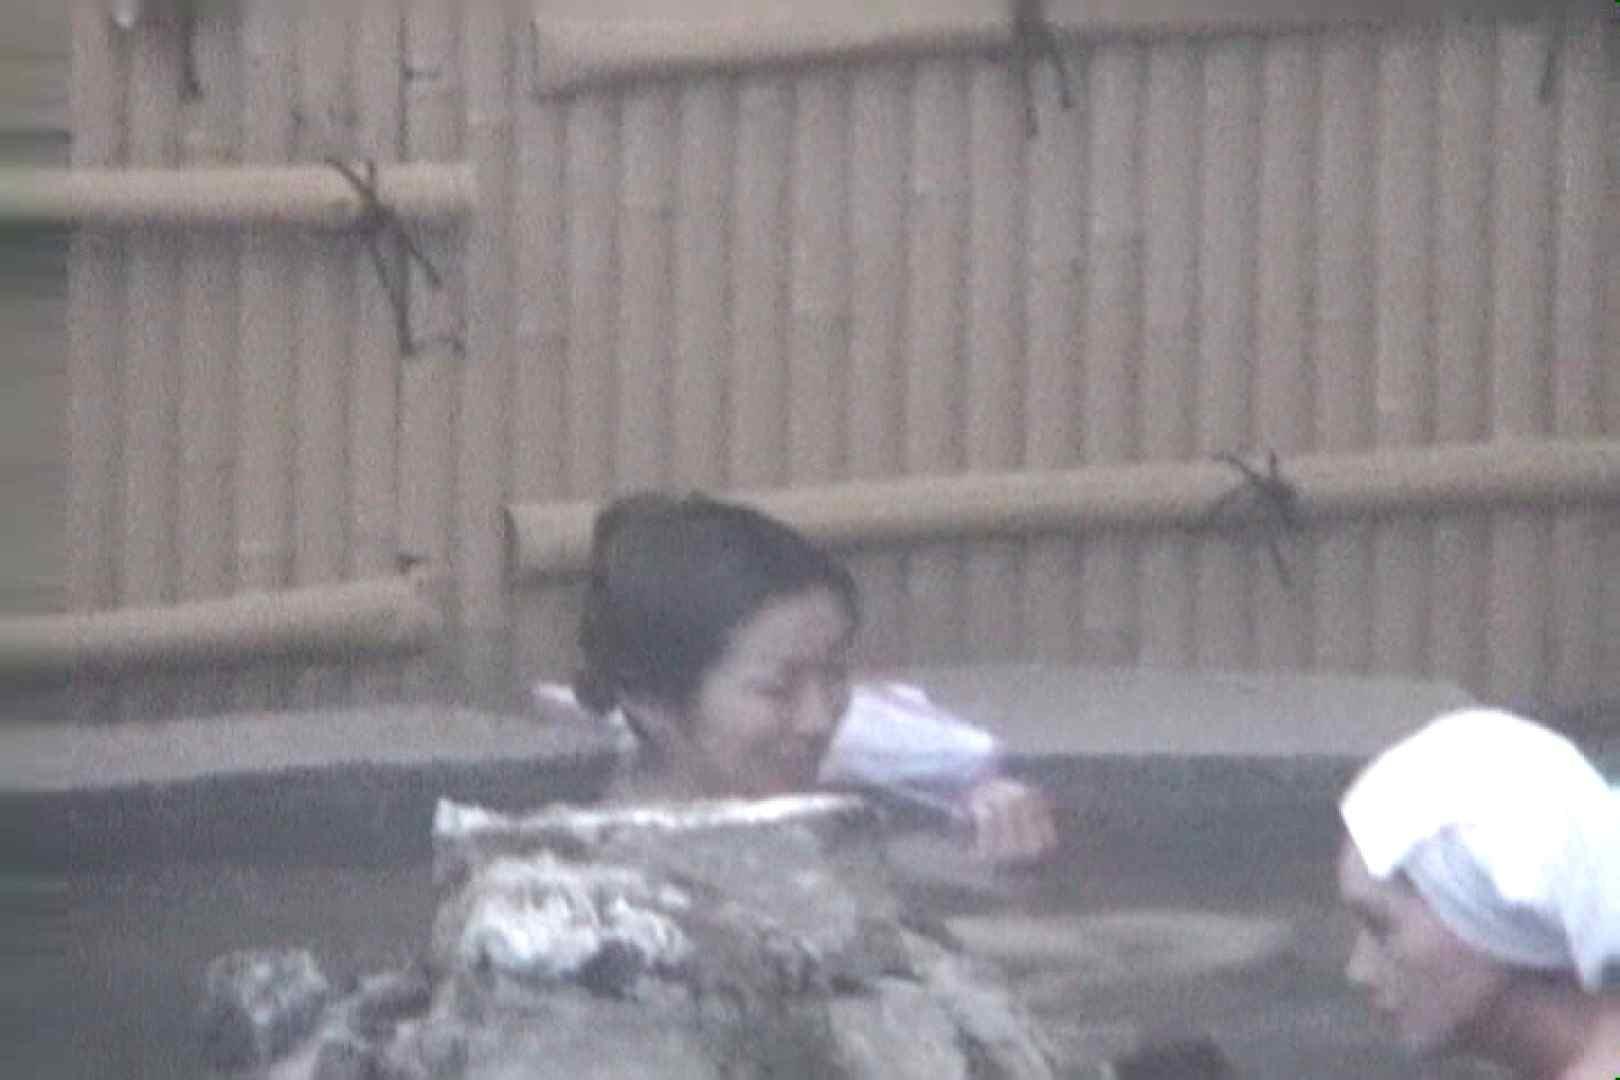 Aquaな露天風呂Vol.82【VIP限定】 盗撮 | 露天  87pic 73